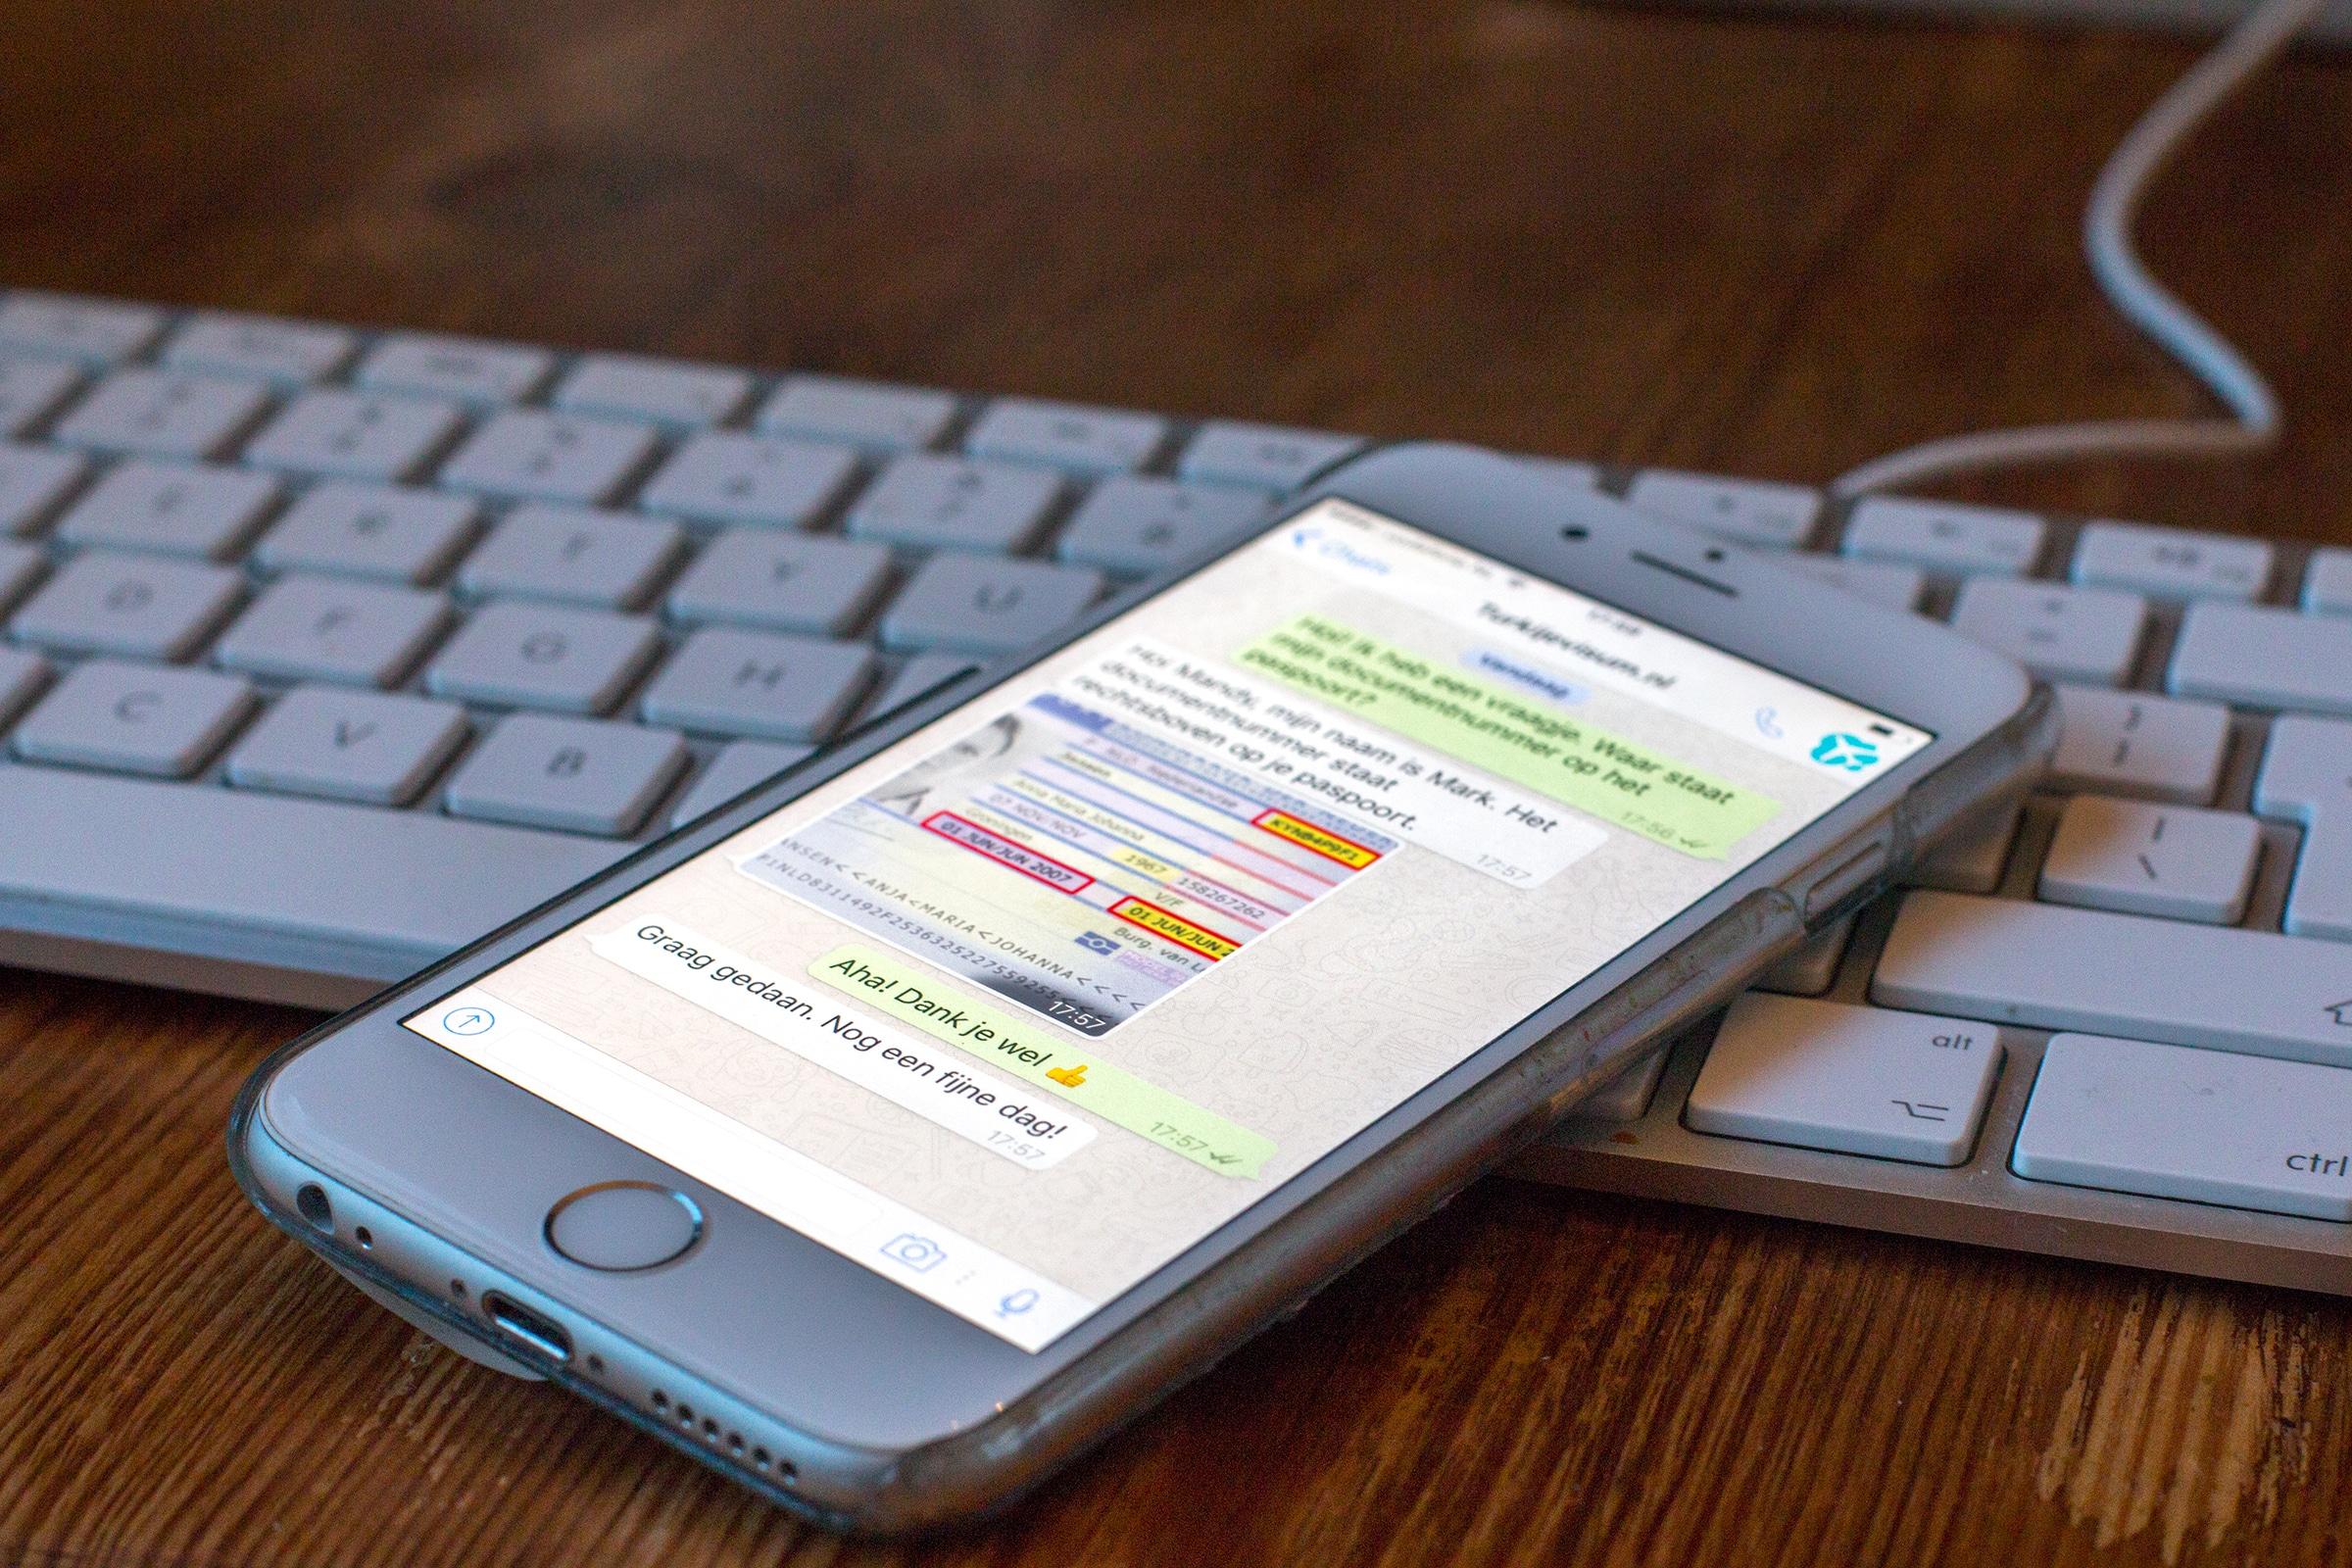 Telefoon met een WhatsApp gesprek